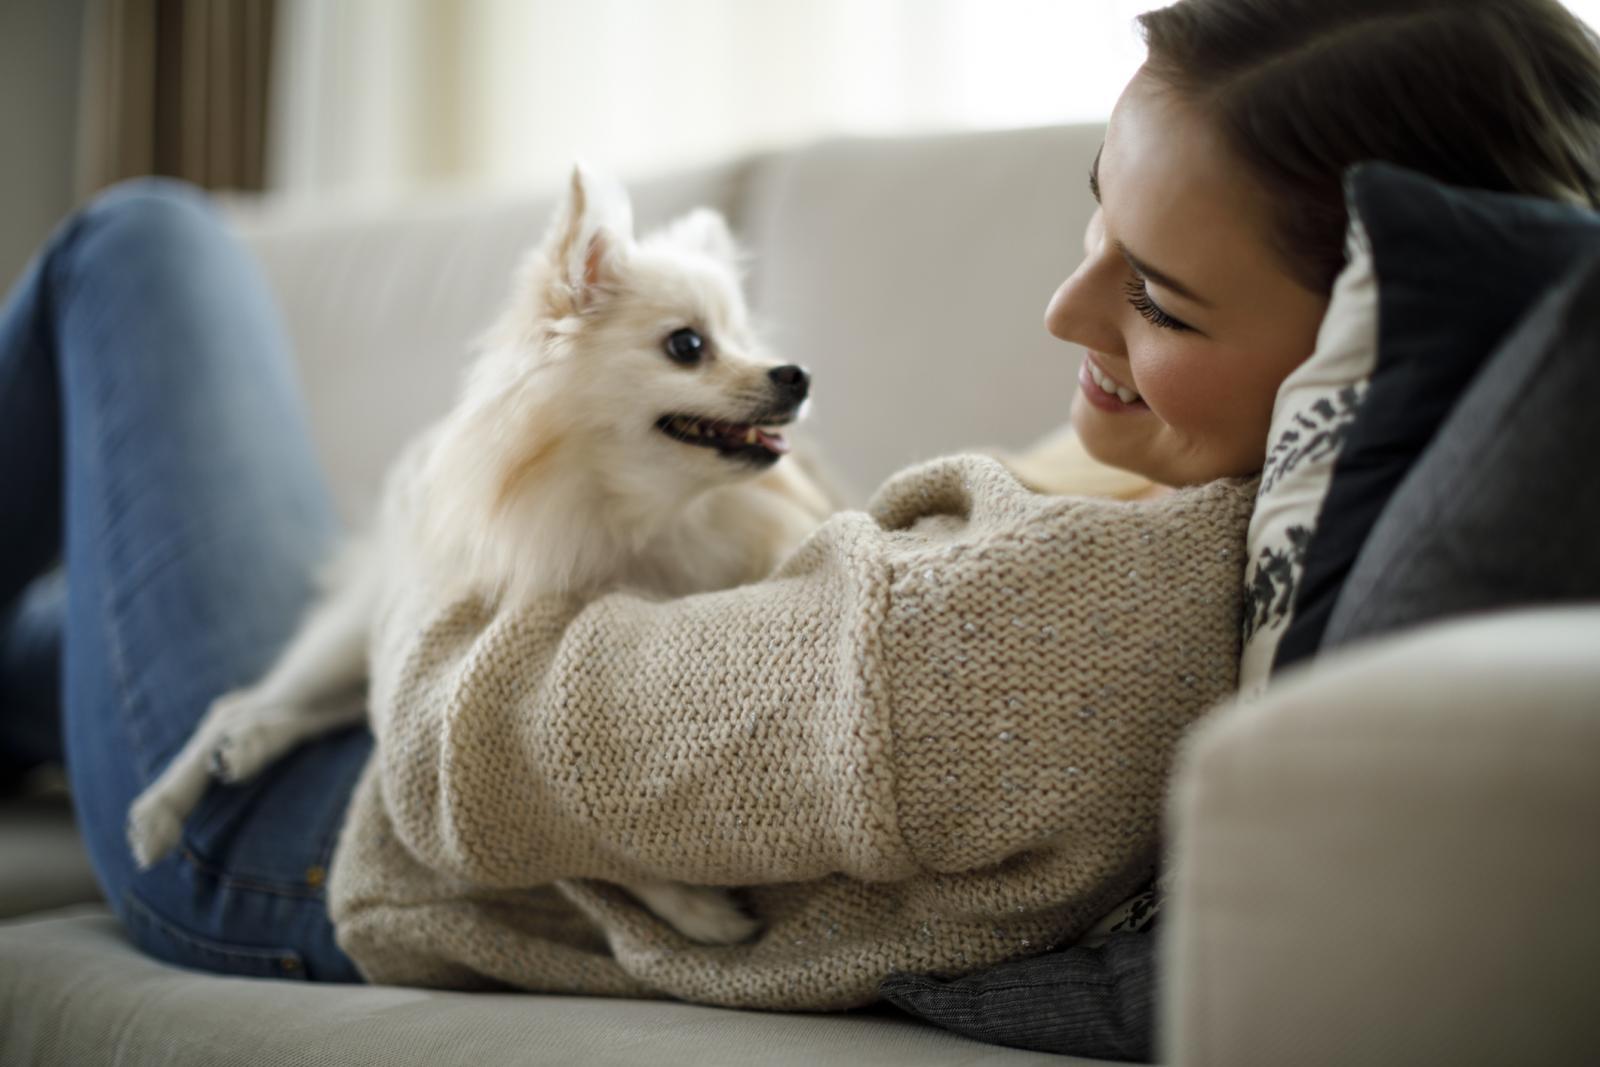 Psi smanjuju stres i tjeskobu, pomažu u otpuštanju oksicitina koji snižava tlak i razine kortizola, hormona stresa.